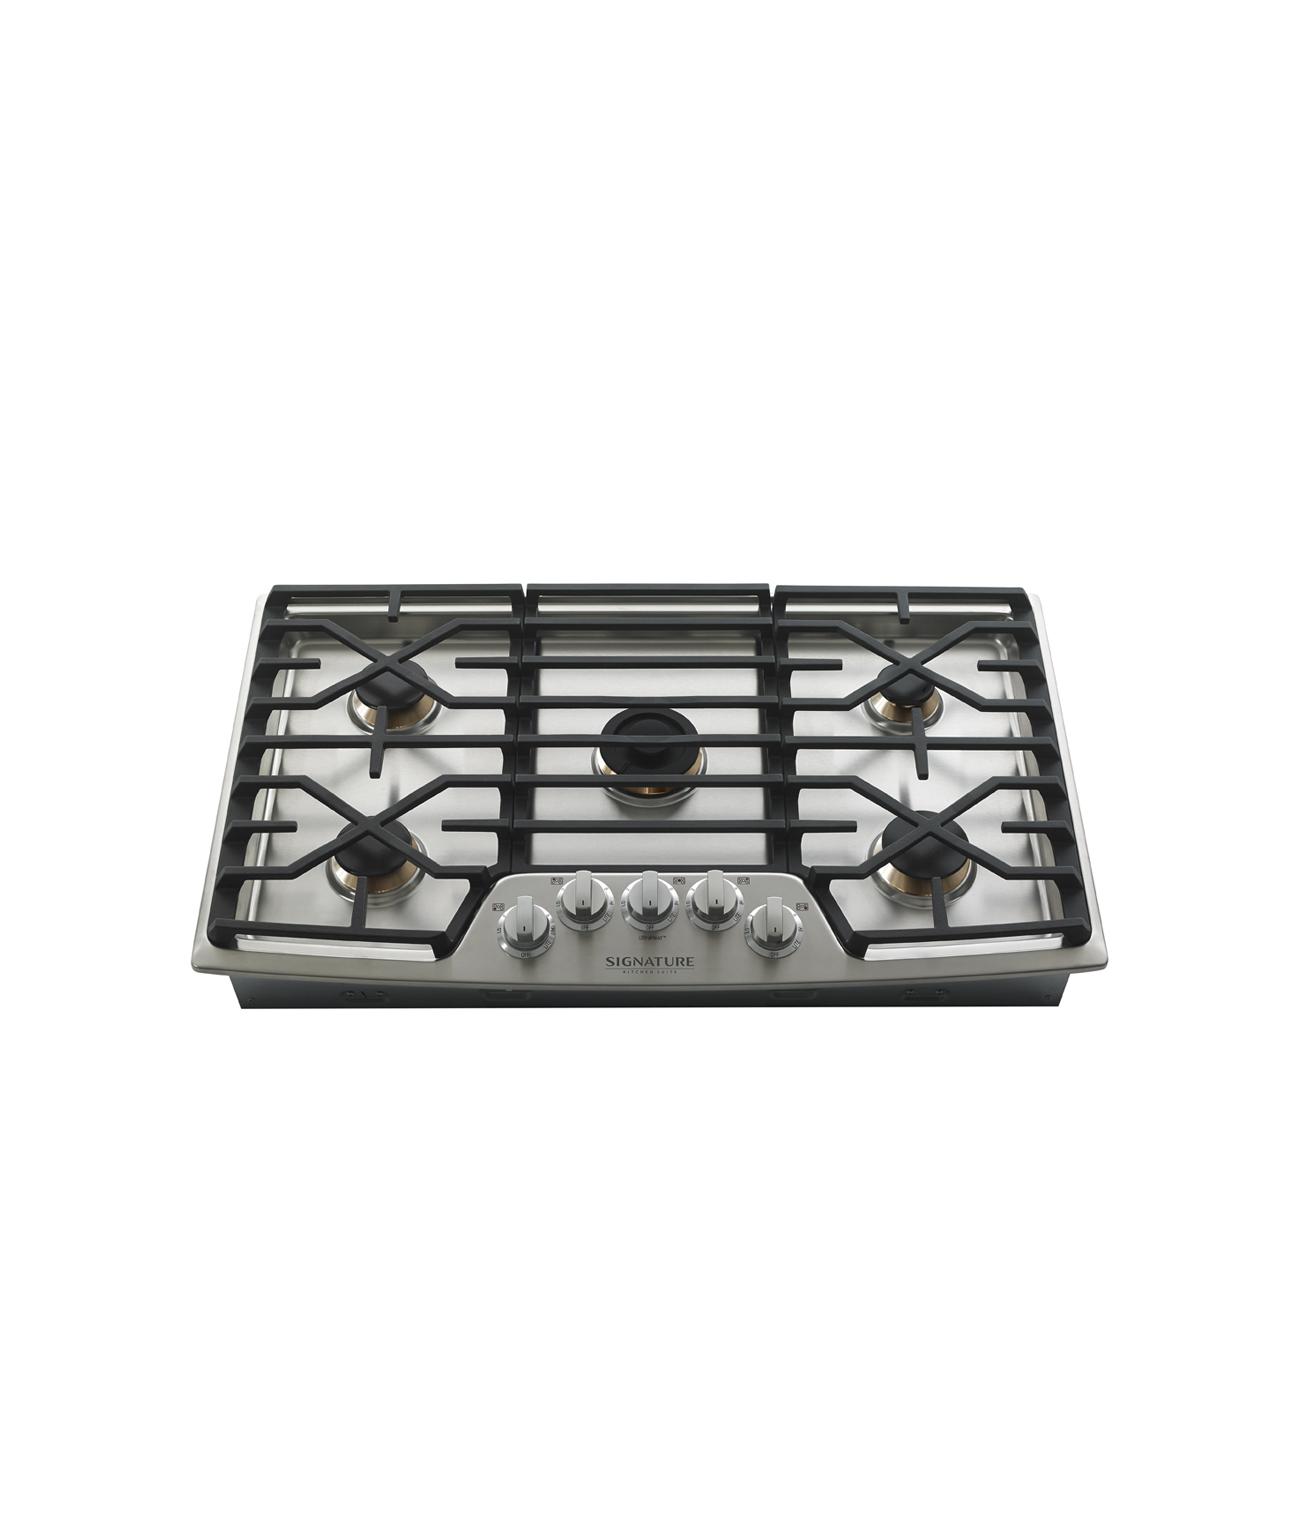 Surface de cuisson au gaz 76cm   Signature Kitchen Suite